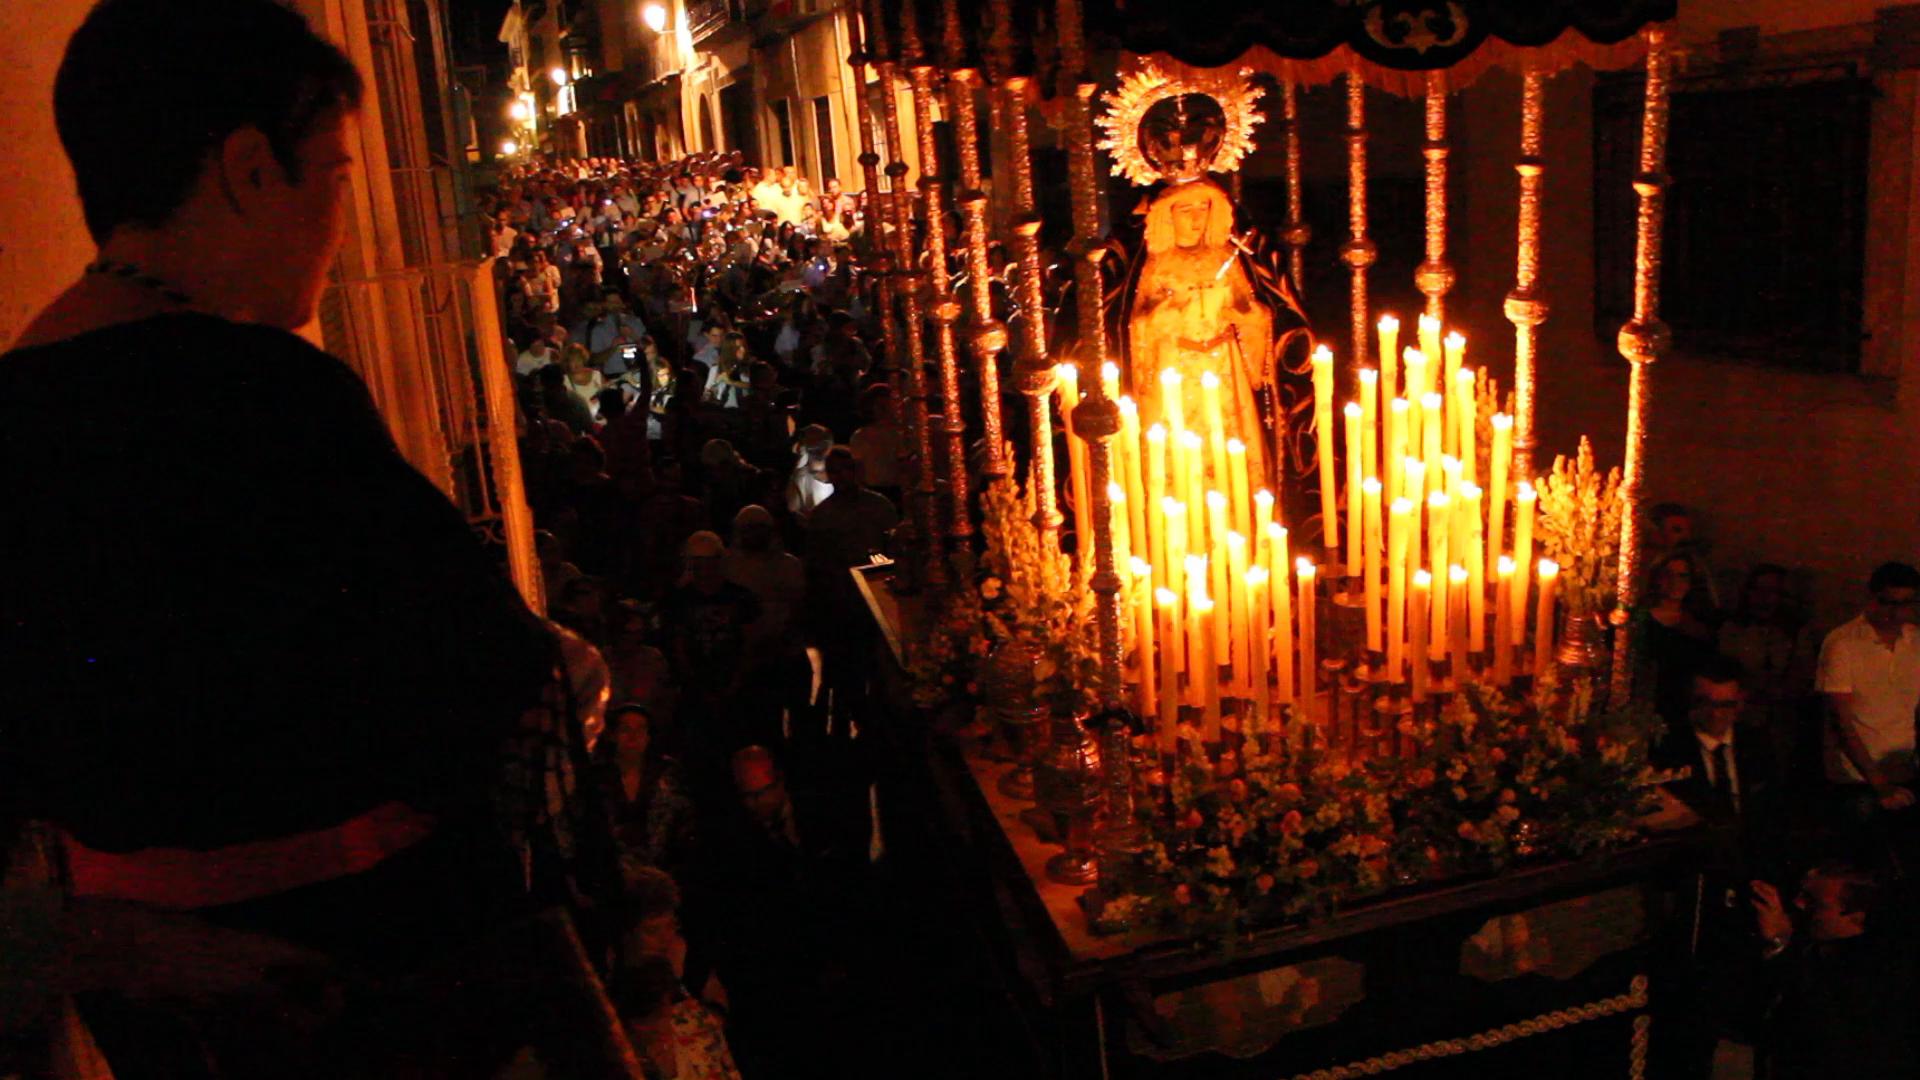 Photo of El sentido recuerdo a María Dolores con su Virgen, por la que sentía gran devoción